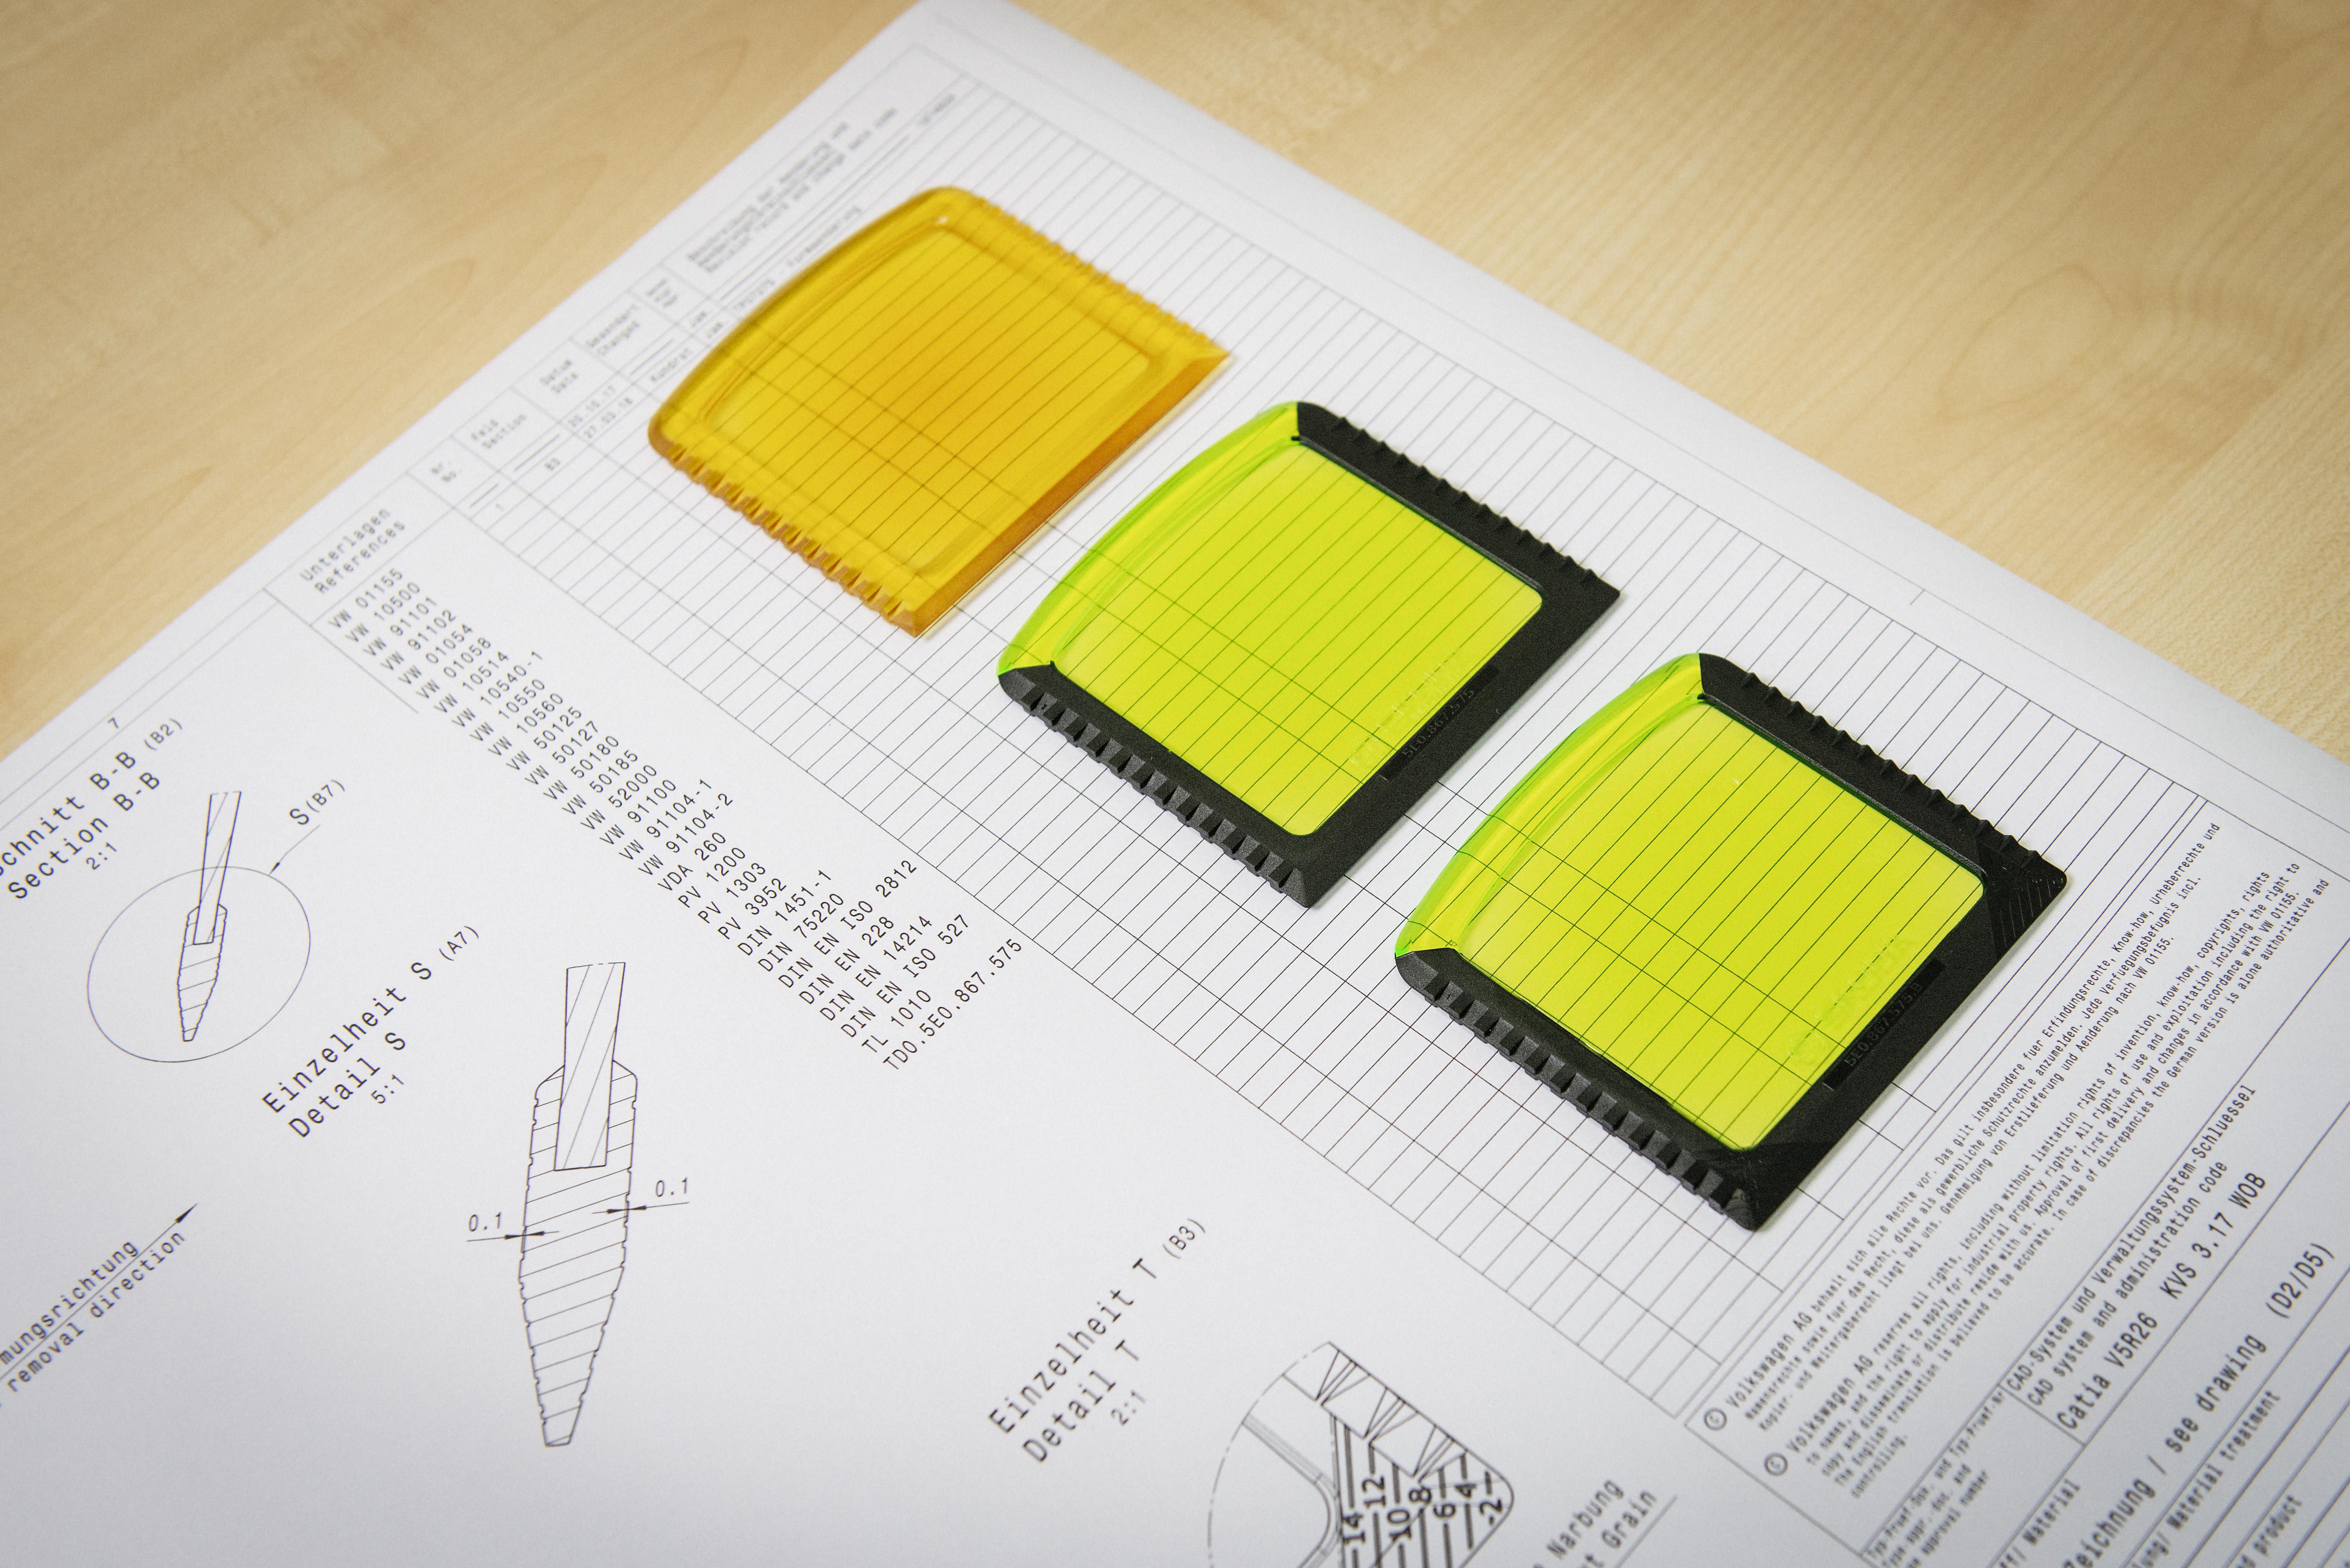 Vývoj všech Simply Clever prvků má podrobnou technickou dokumentaci.